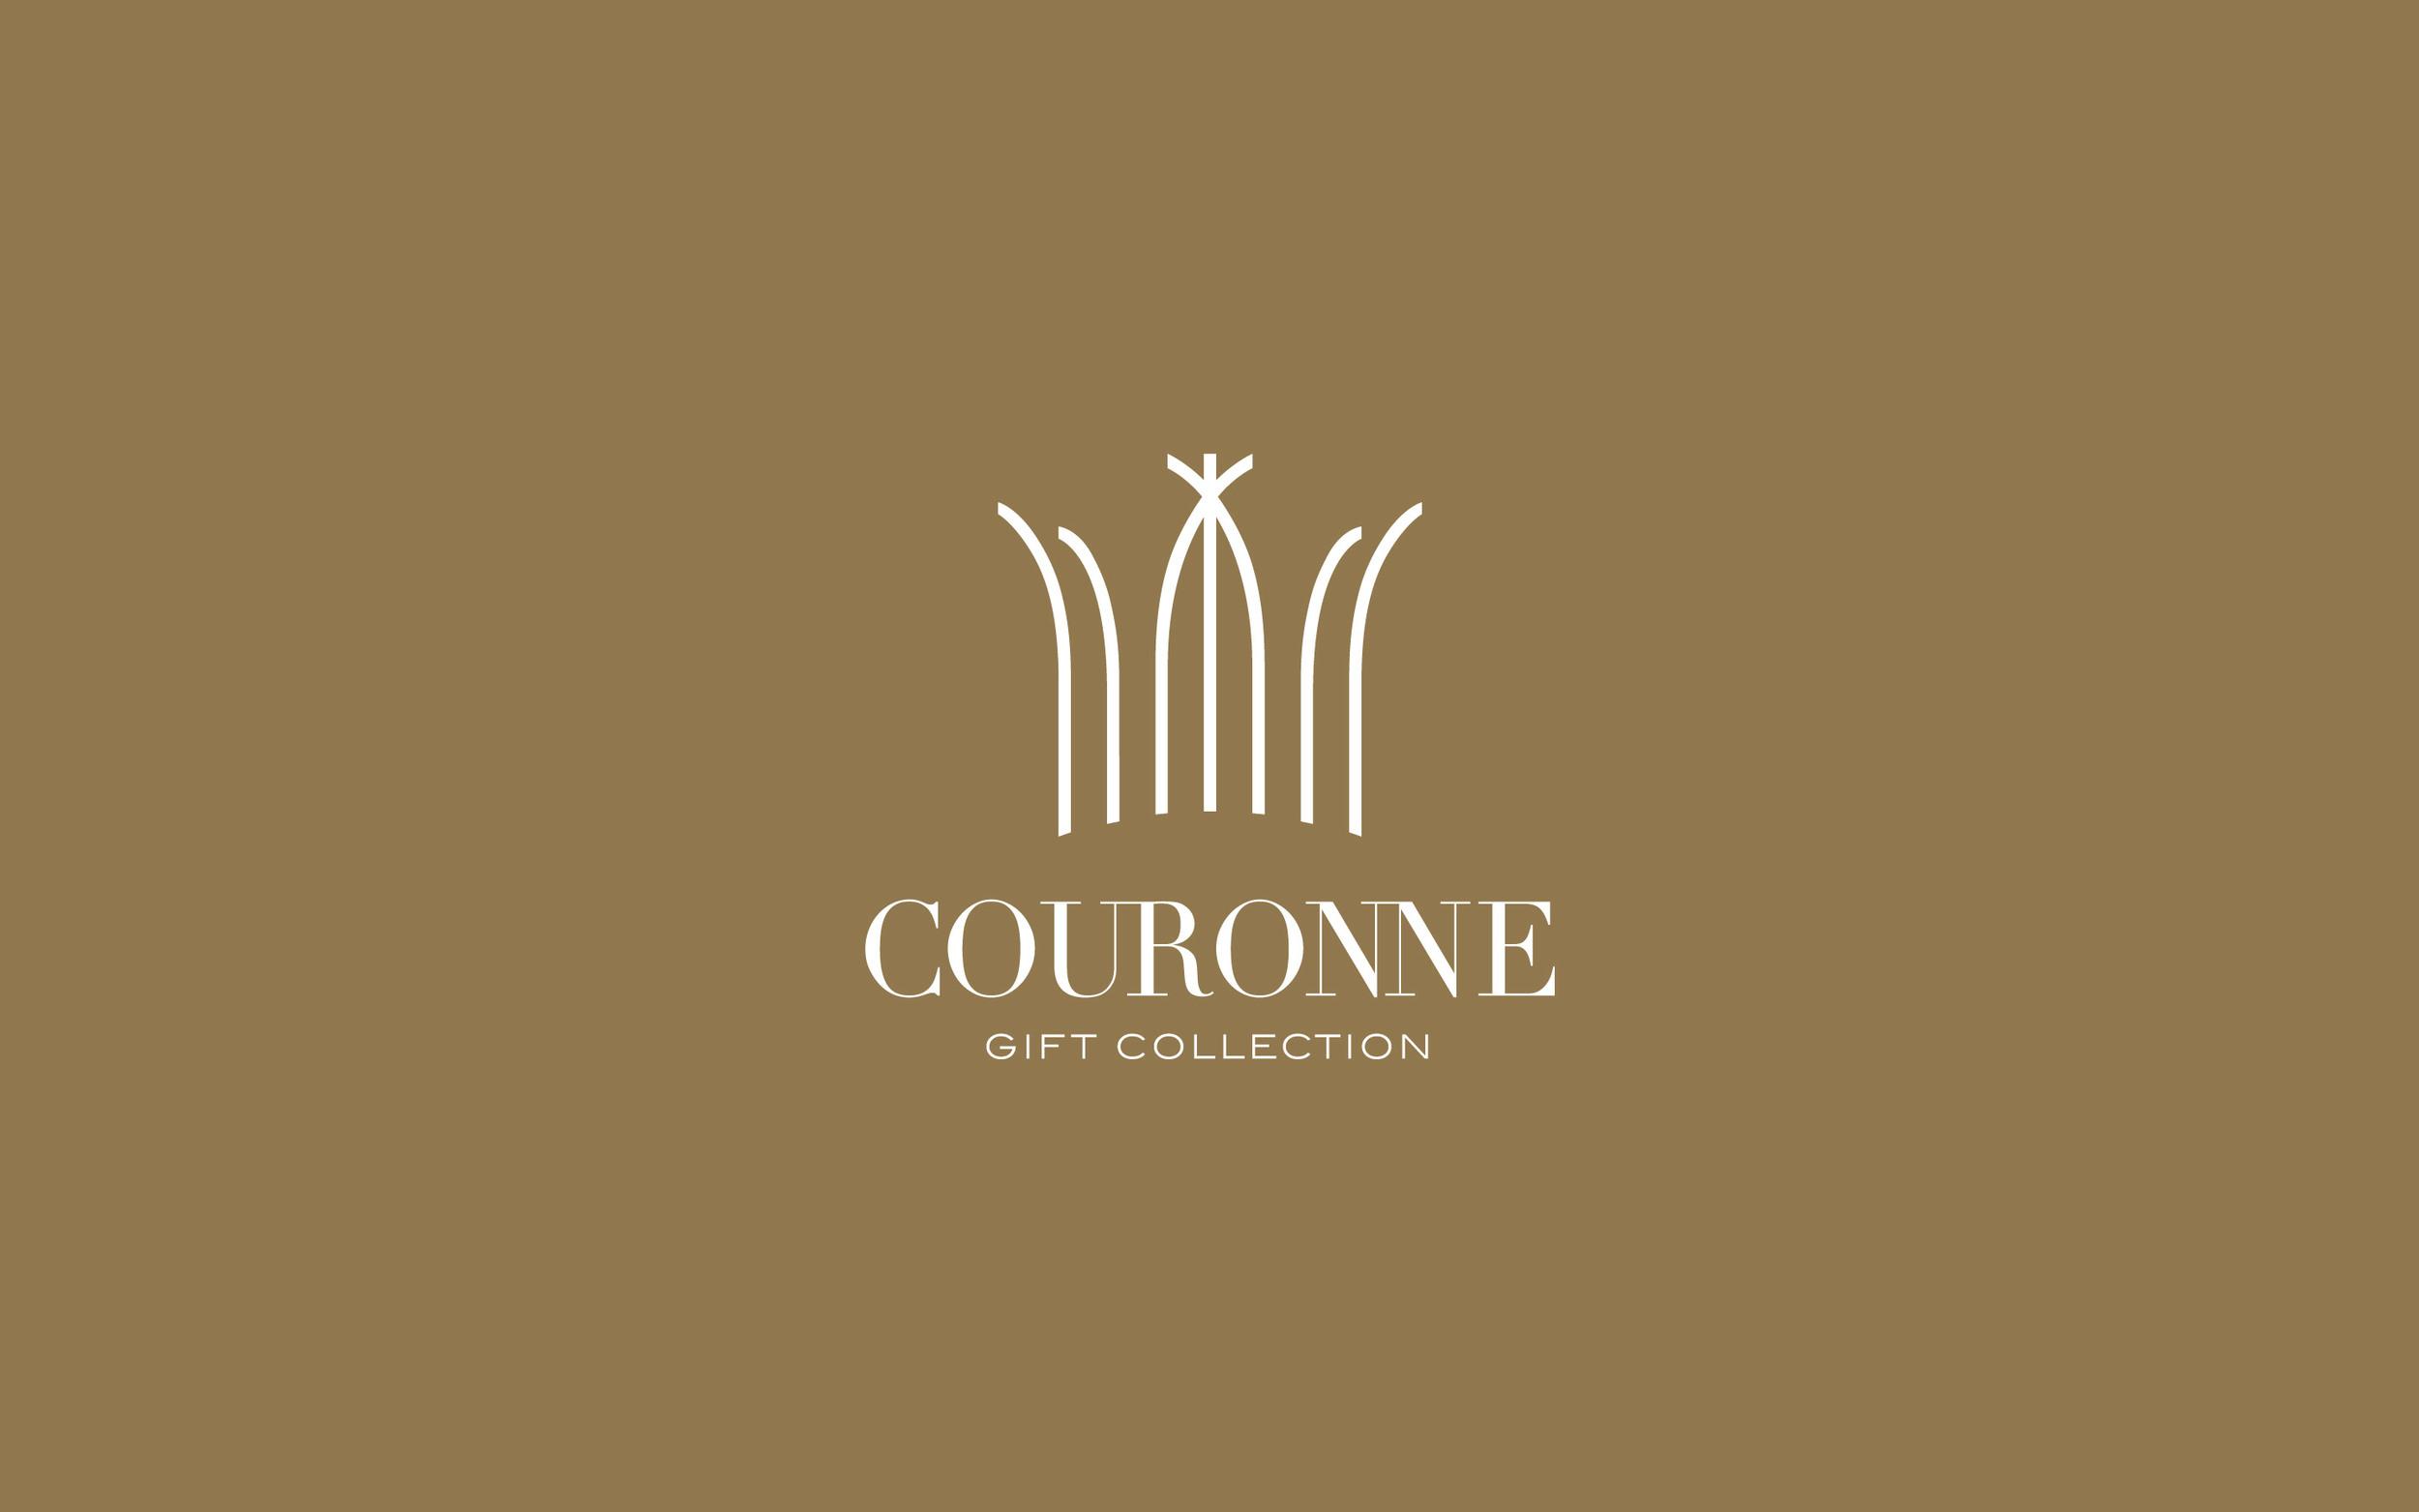 Couronne-A1.jpg